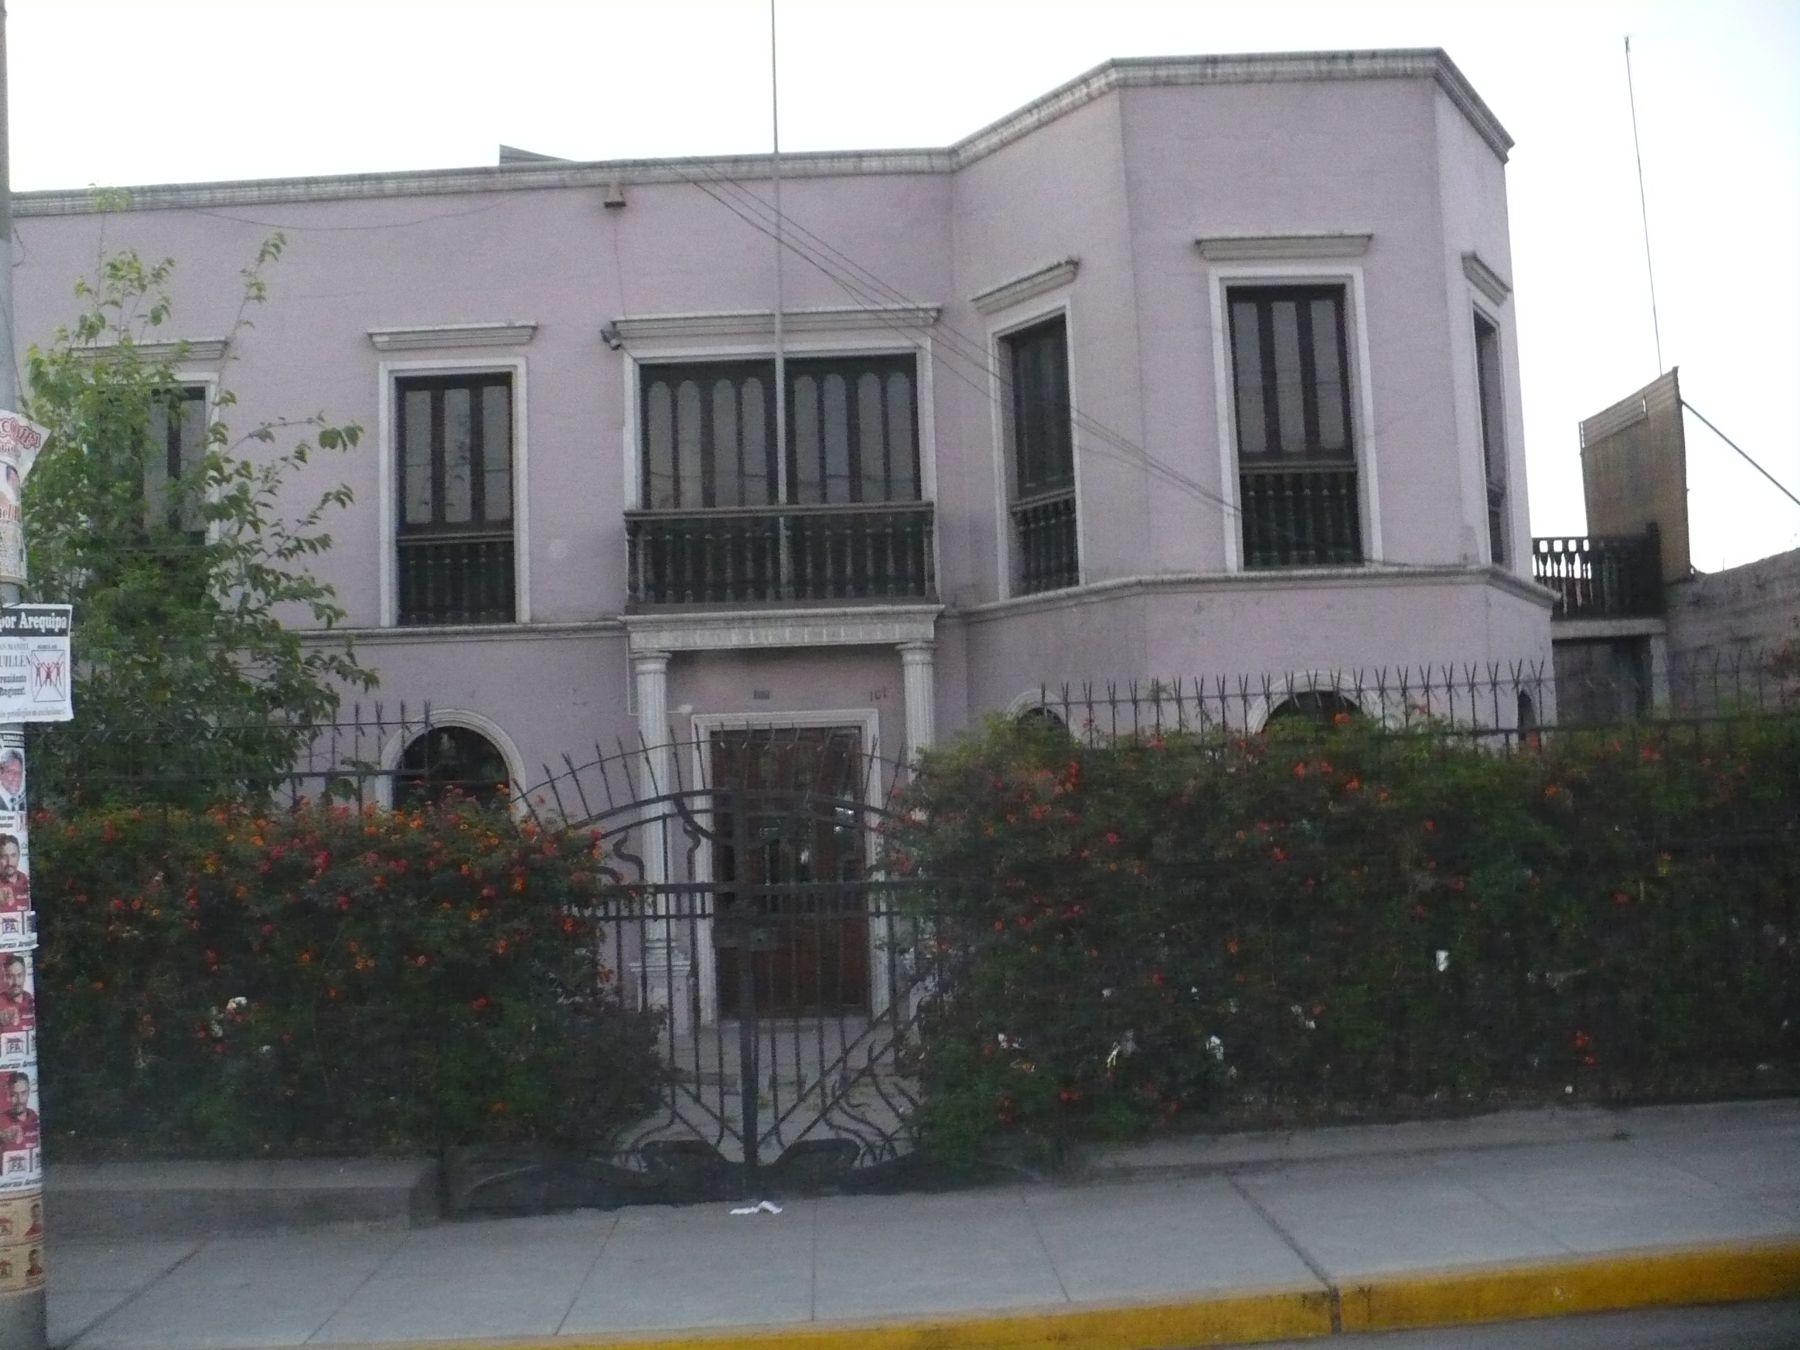 Casa ubicada en la avenida Parra n° 101 en la ciudad  de Arequipa, donde nació el escritor Mario Vargas Llosa. Foto: ANDINA / Rocio Méndez